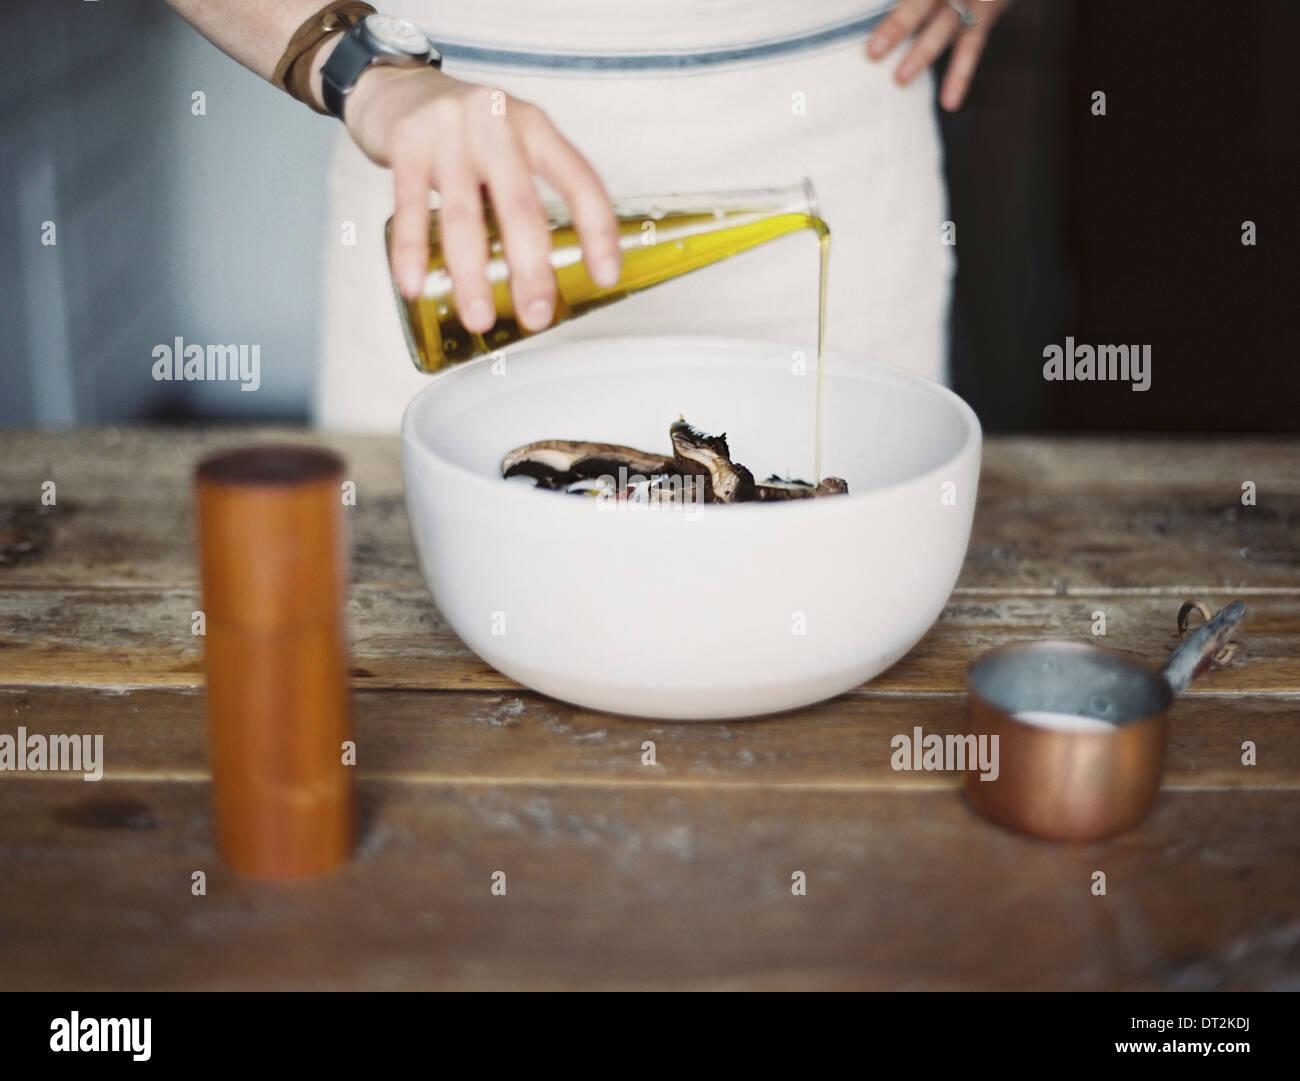 Eine häusliche Küche A Frau trägt eine Schürze, einen frischen Salat Gemüse in einer Schüssel mit Öl dressing Stockbild